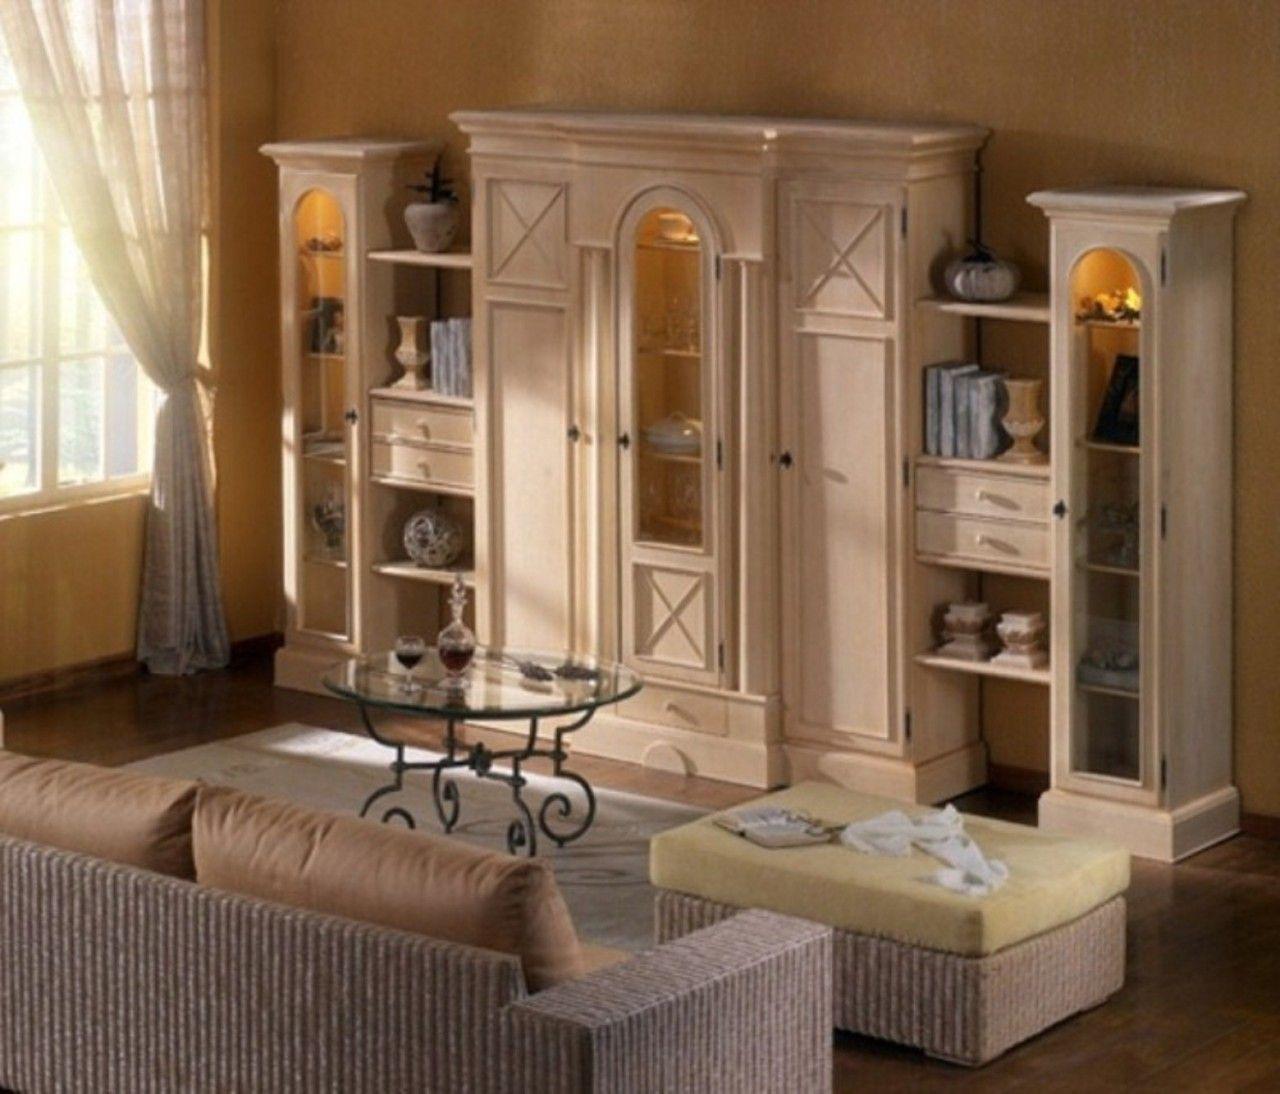 Casamia Wohnzimmerschrank Wohnwand Allegro 350 Cm Breit